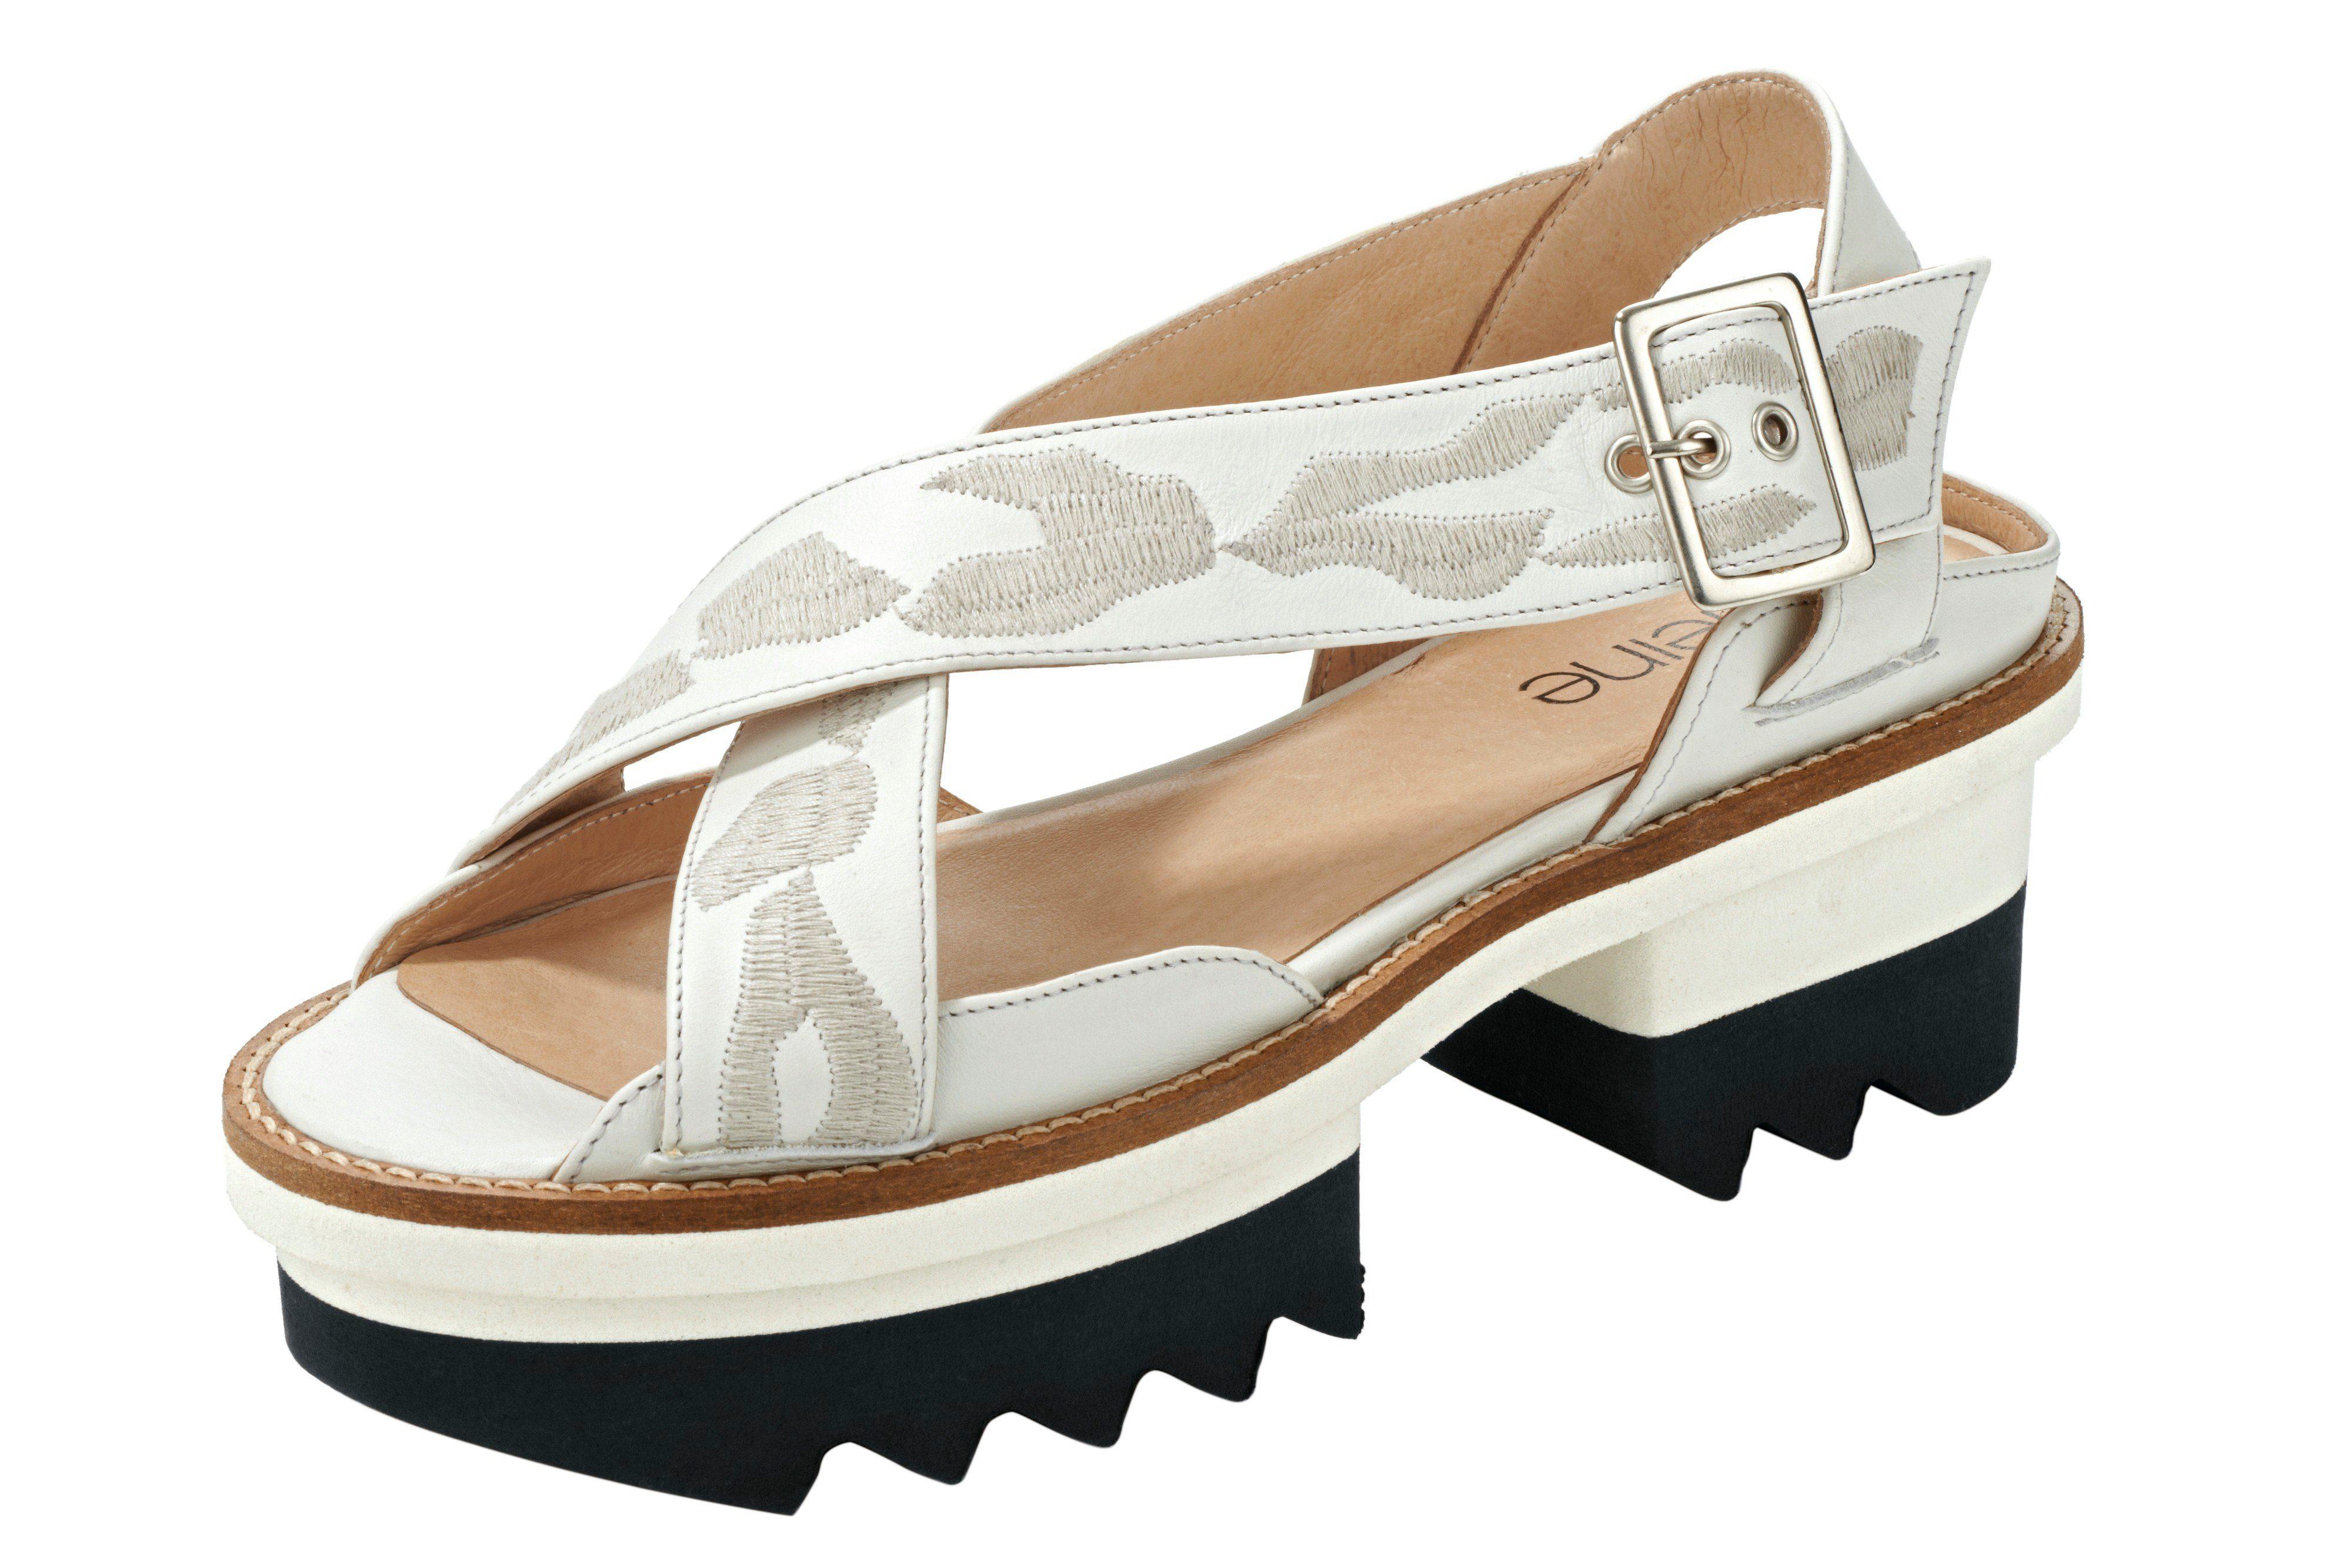 Heine Sandalette online kaufen  weiß